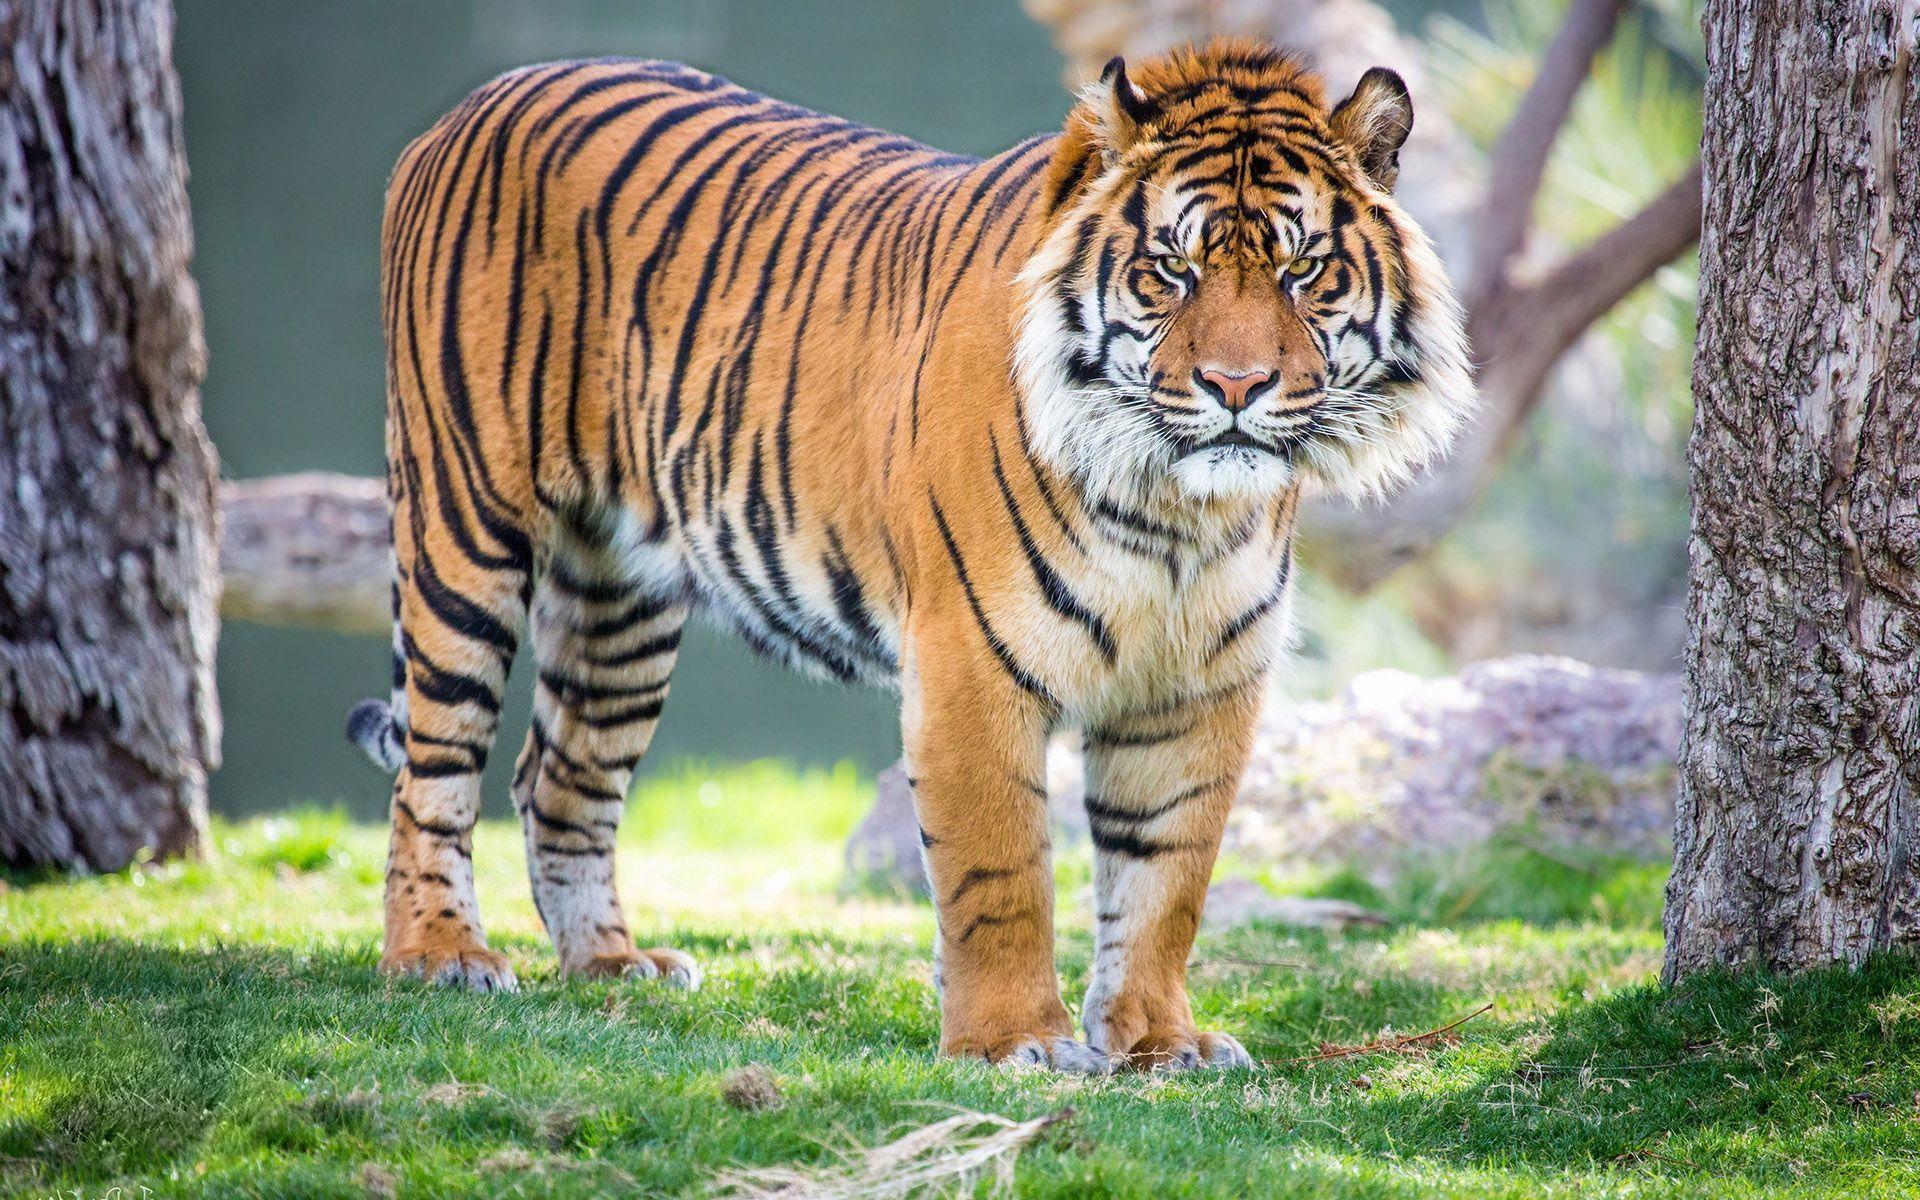 صور حيوانات نتائج بحث صور ياهو Wild Animals Pictures Tiger Pictures Tiger Wallpaper